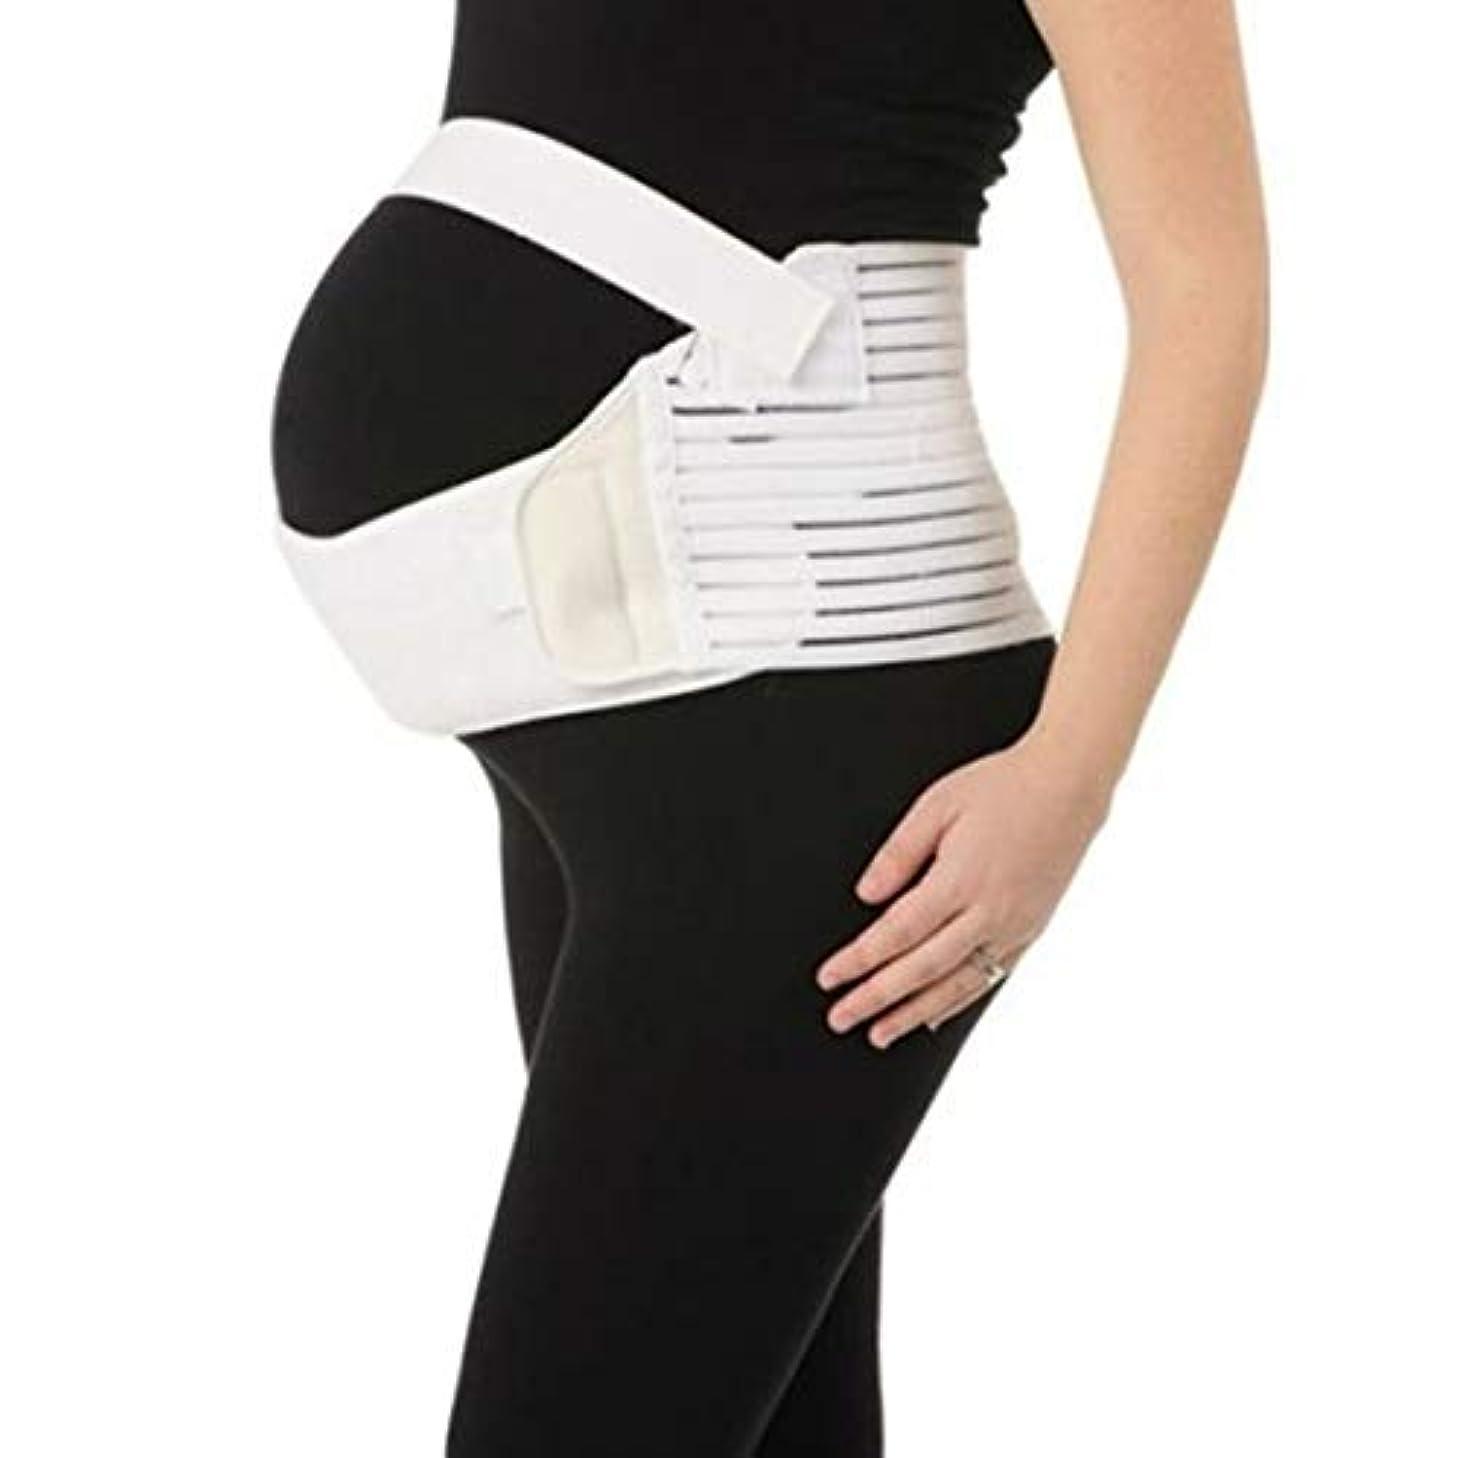 続ける裏切り者醜い通気性マタニティベルト妊娠腹部サポート腹部バインダーガードル運動包帯産後回復シェイプウェア (Panda) (色:黒)